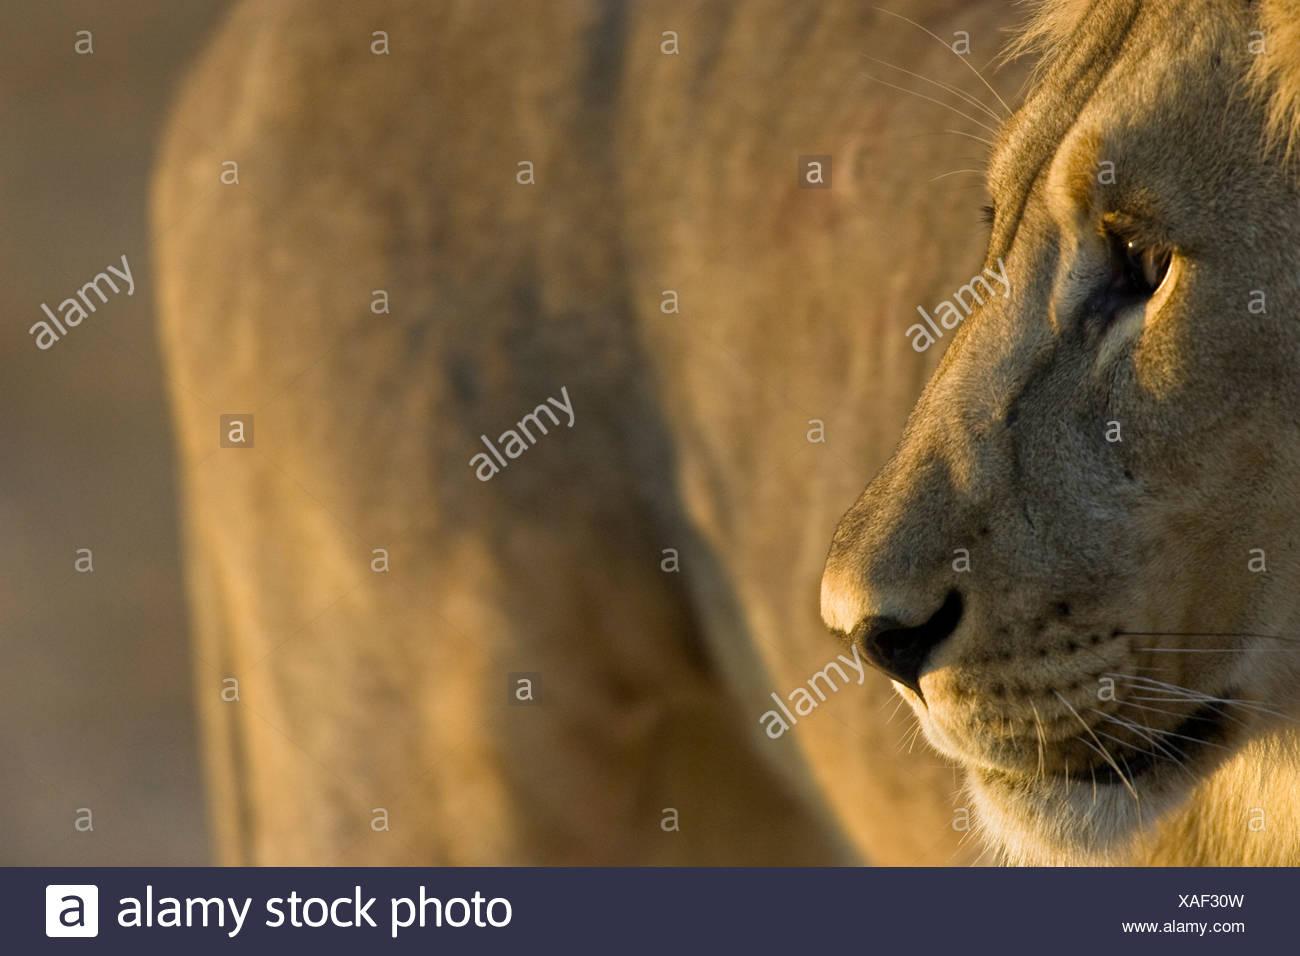 Lion portrait, Etosha National Park, Namibia - Stock Image